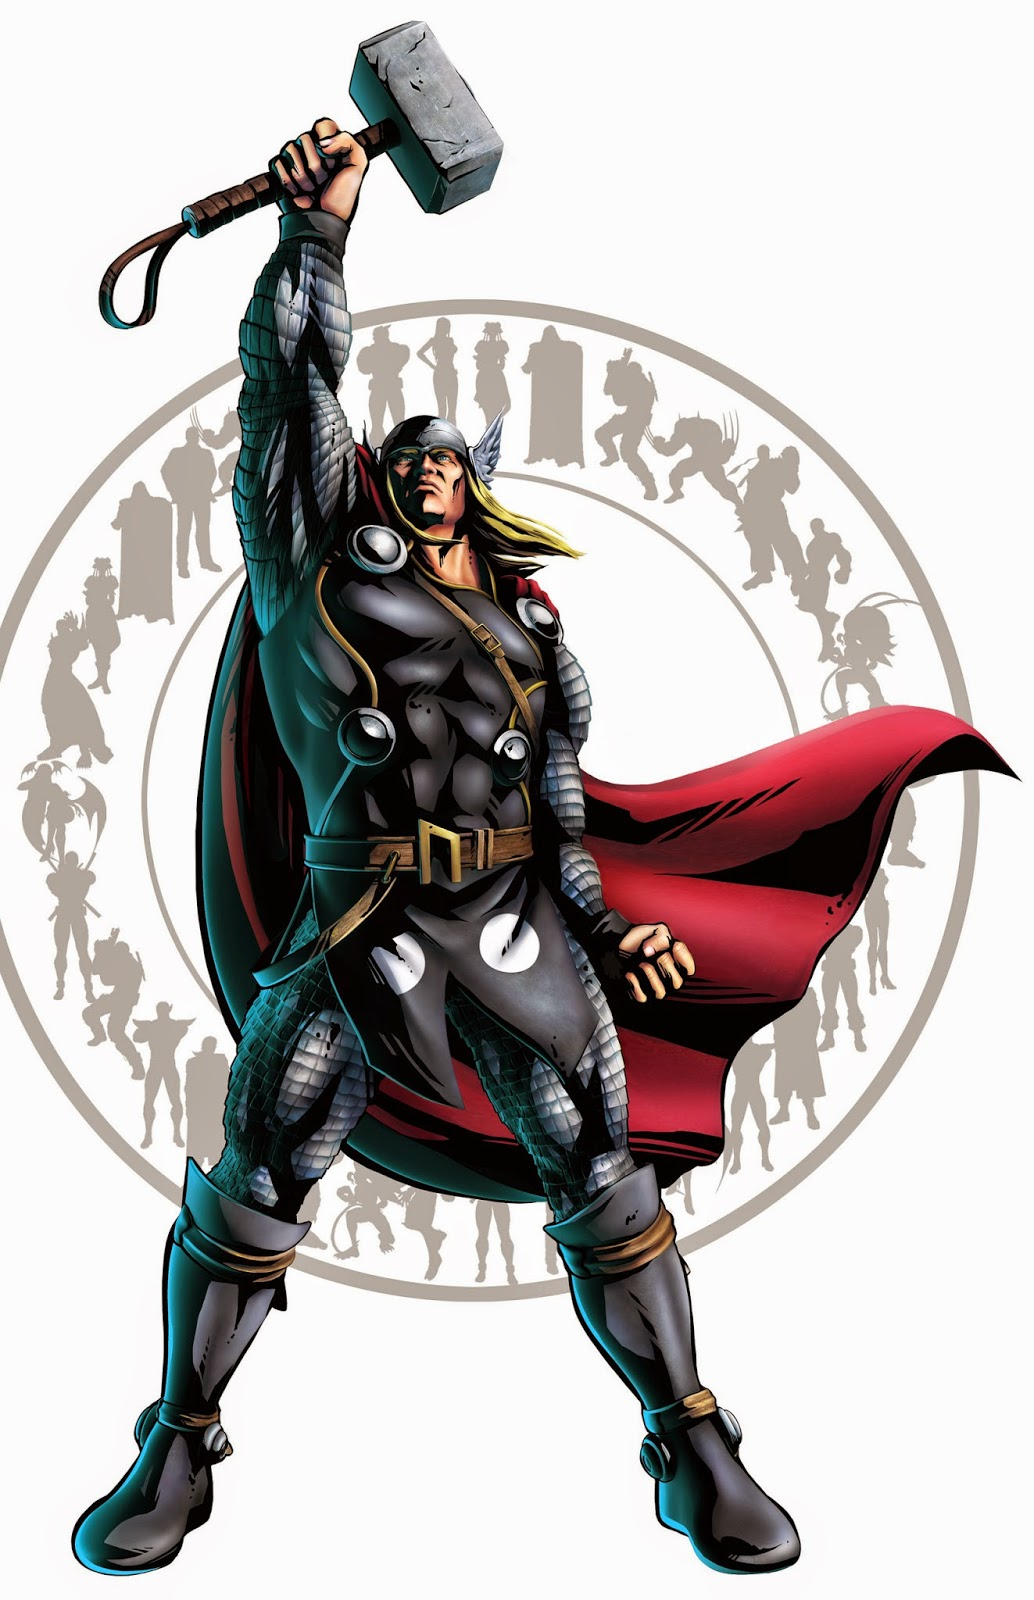 Kumpulan Gambar Thor | Gambar Lucu Terbaru Cartoon